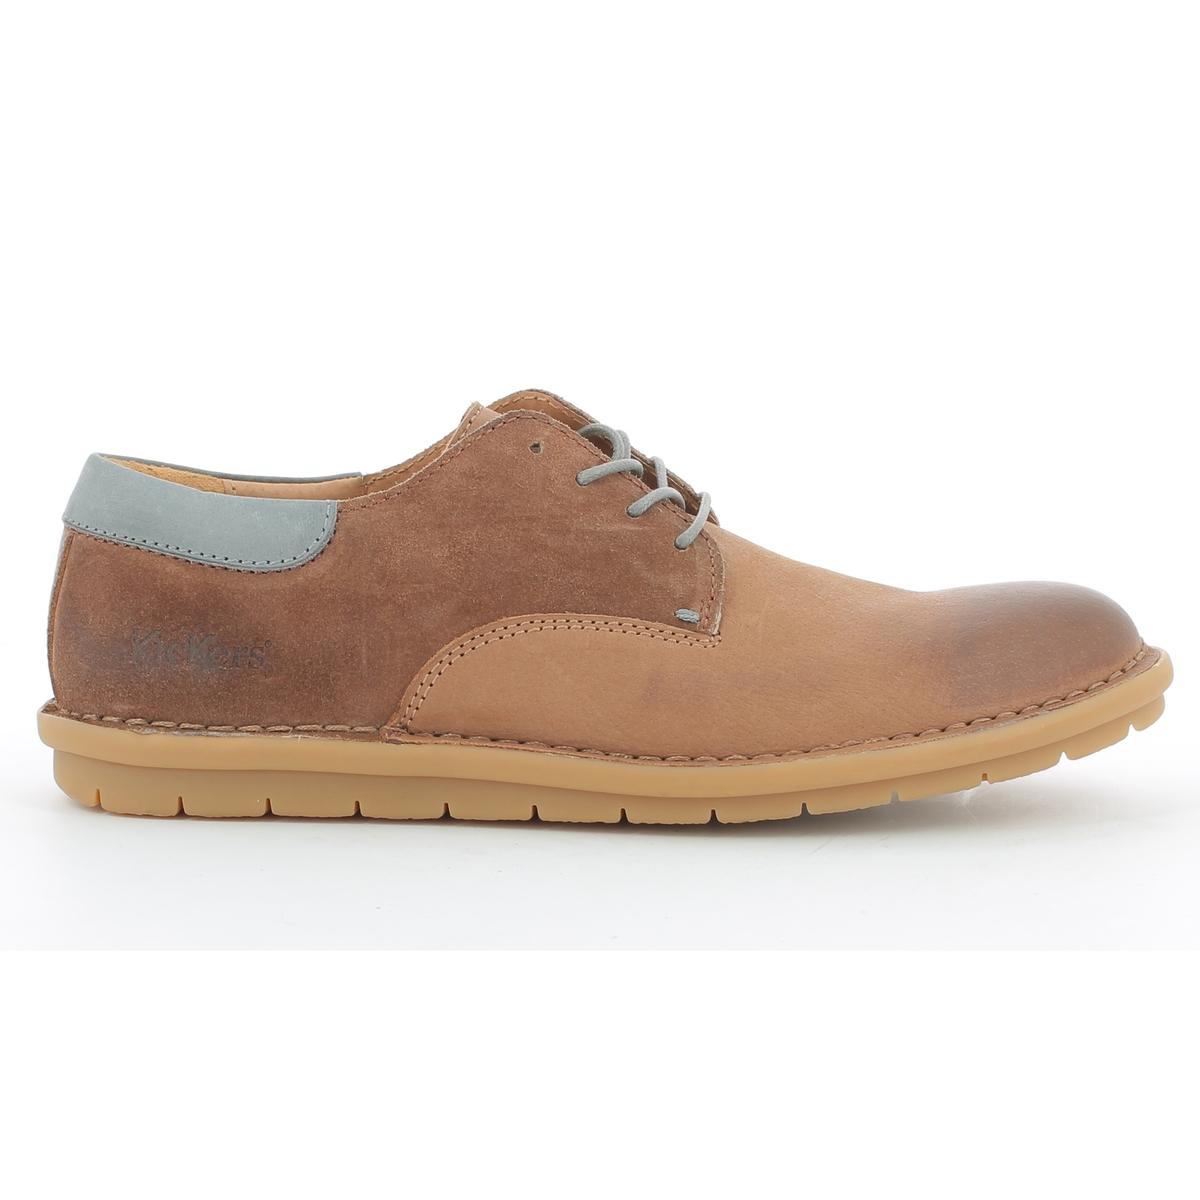 Ботинки-дерби кожаные на шнуровке Vildiur цены онлайн